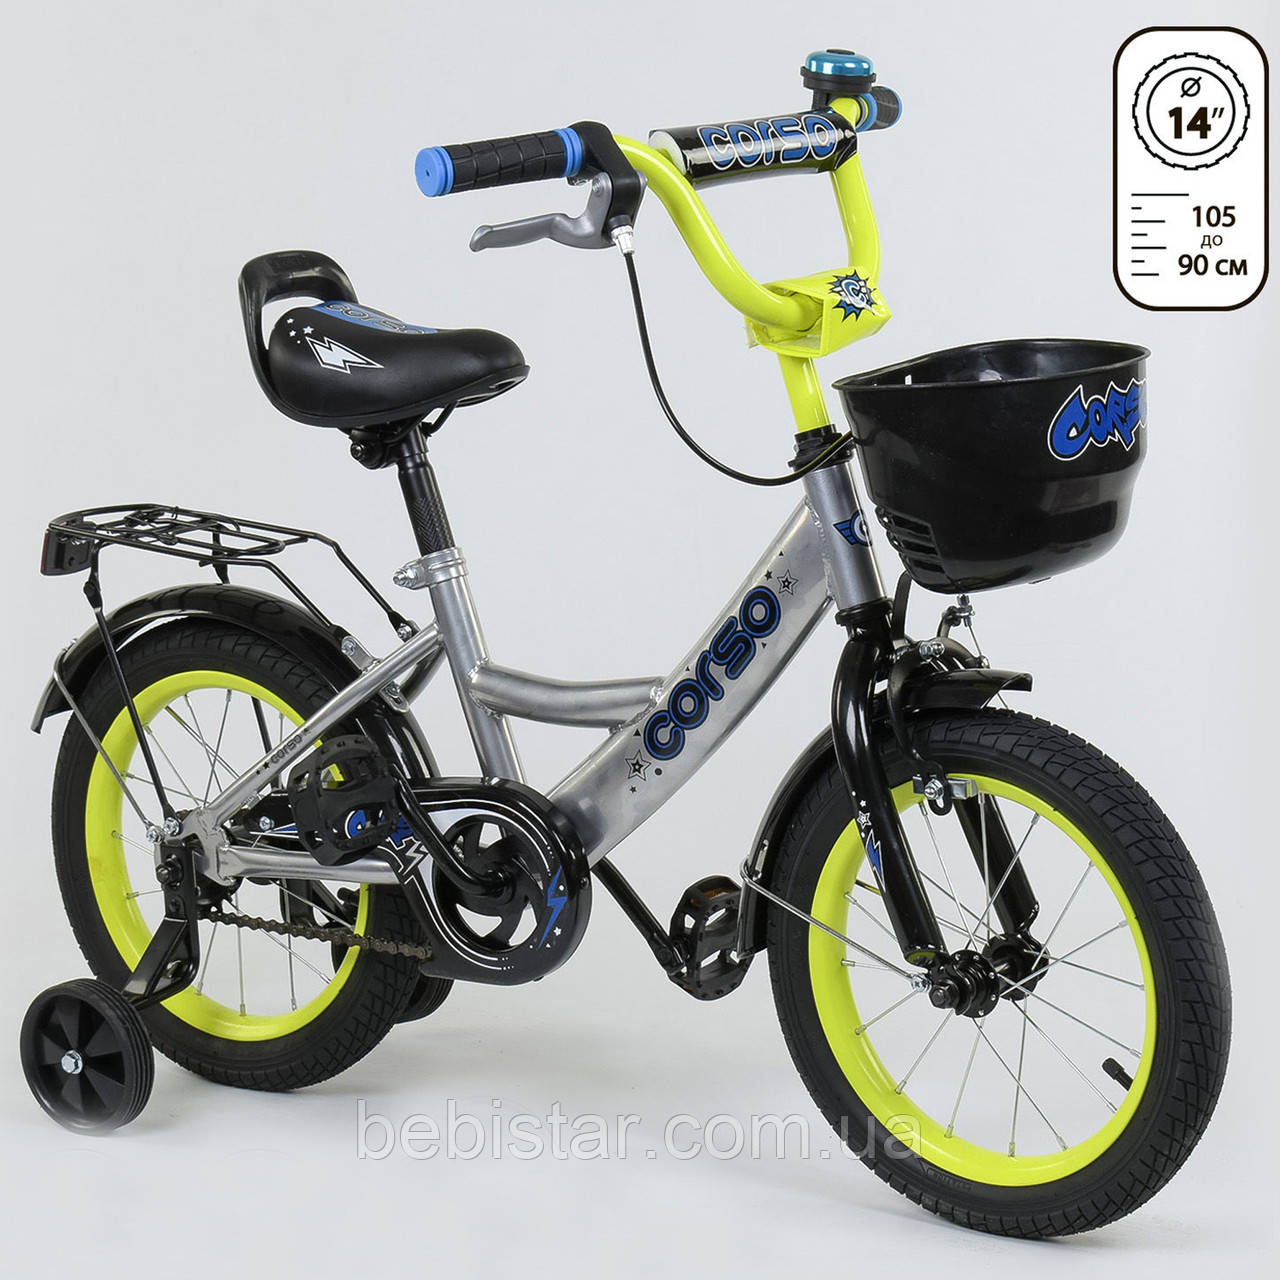 """Двухколесный детский велосипед серебряный ручной тормоз звоночек корзинка Corso 14"""" деткам 3-5 лет"""